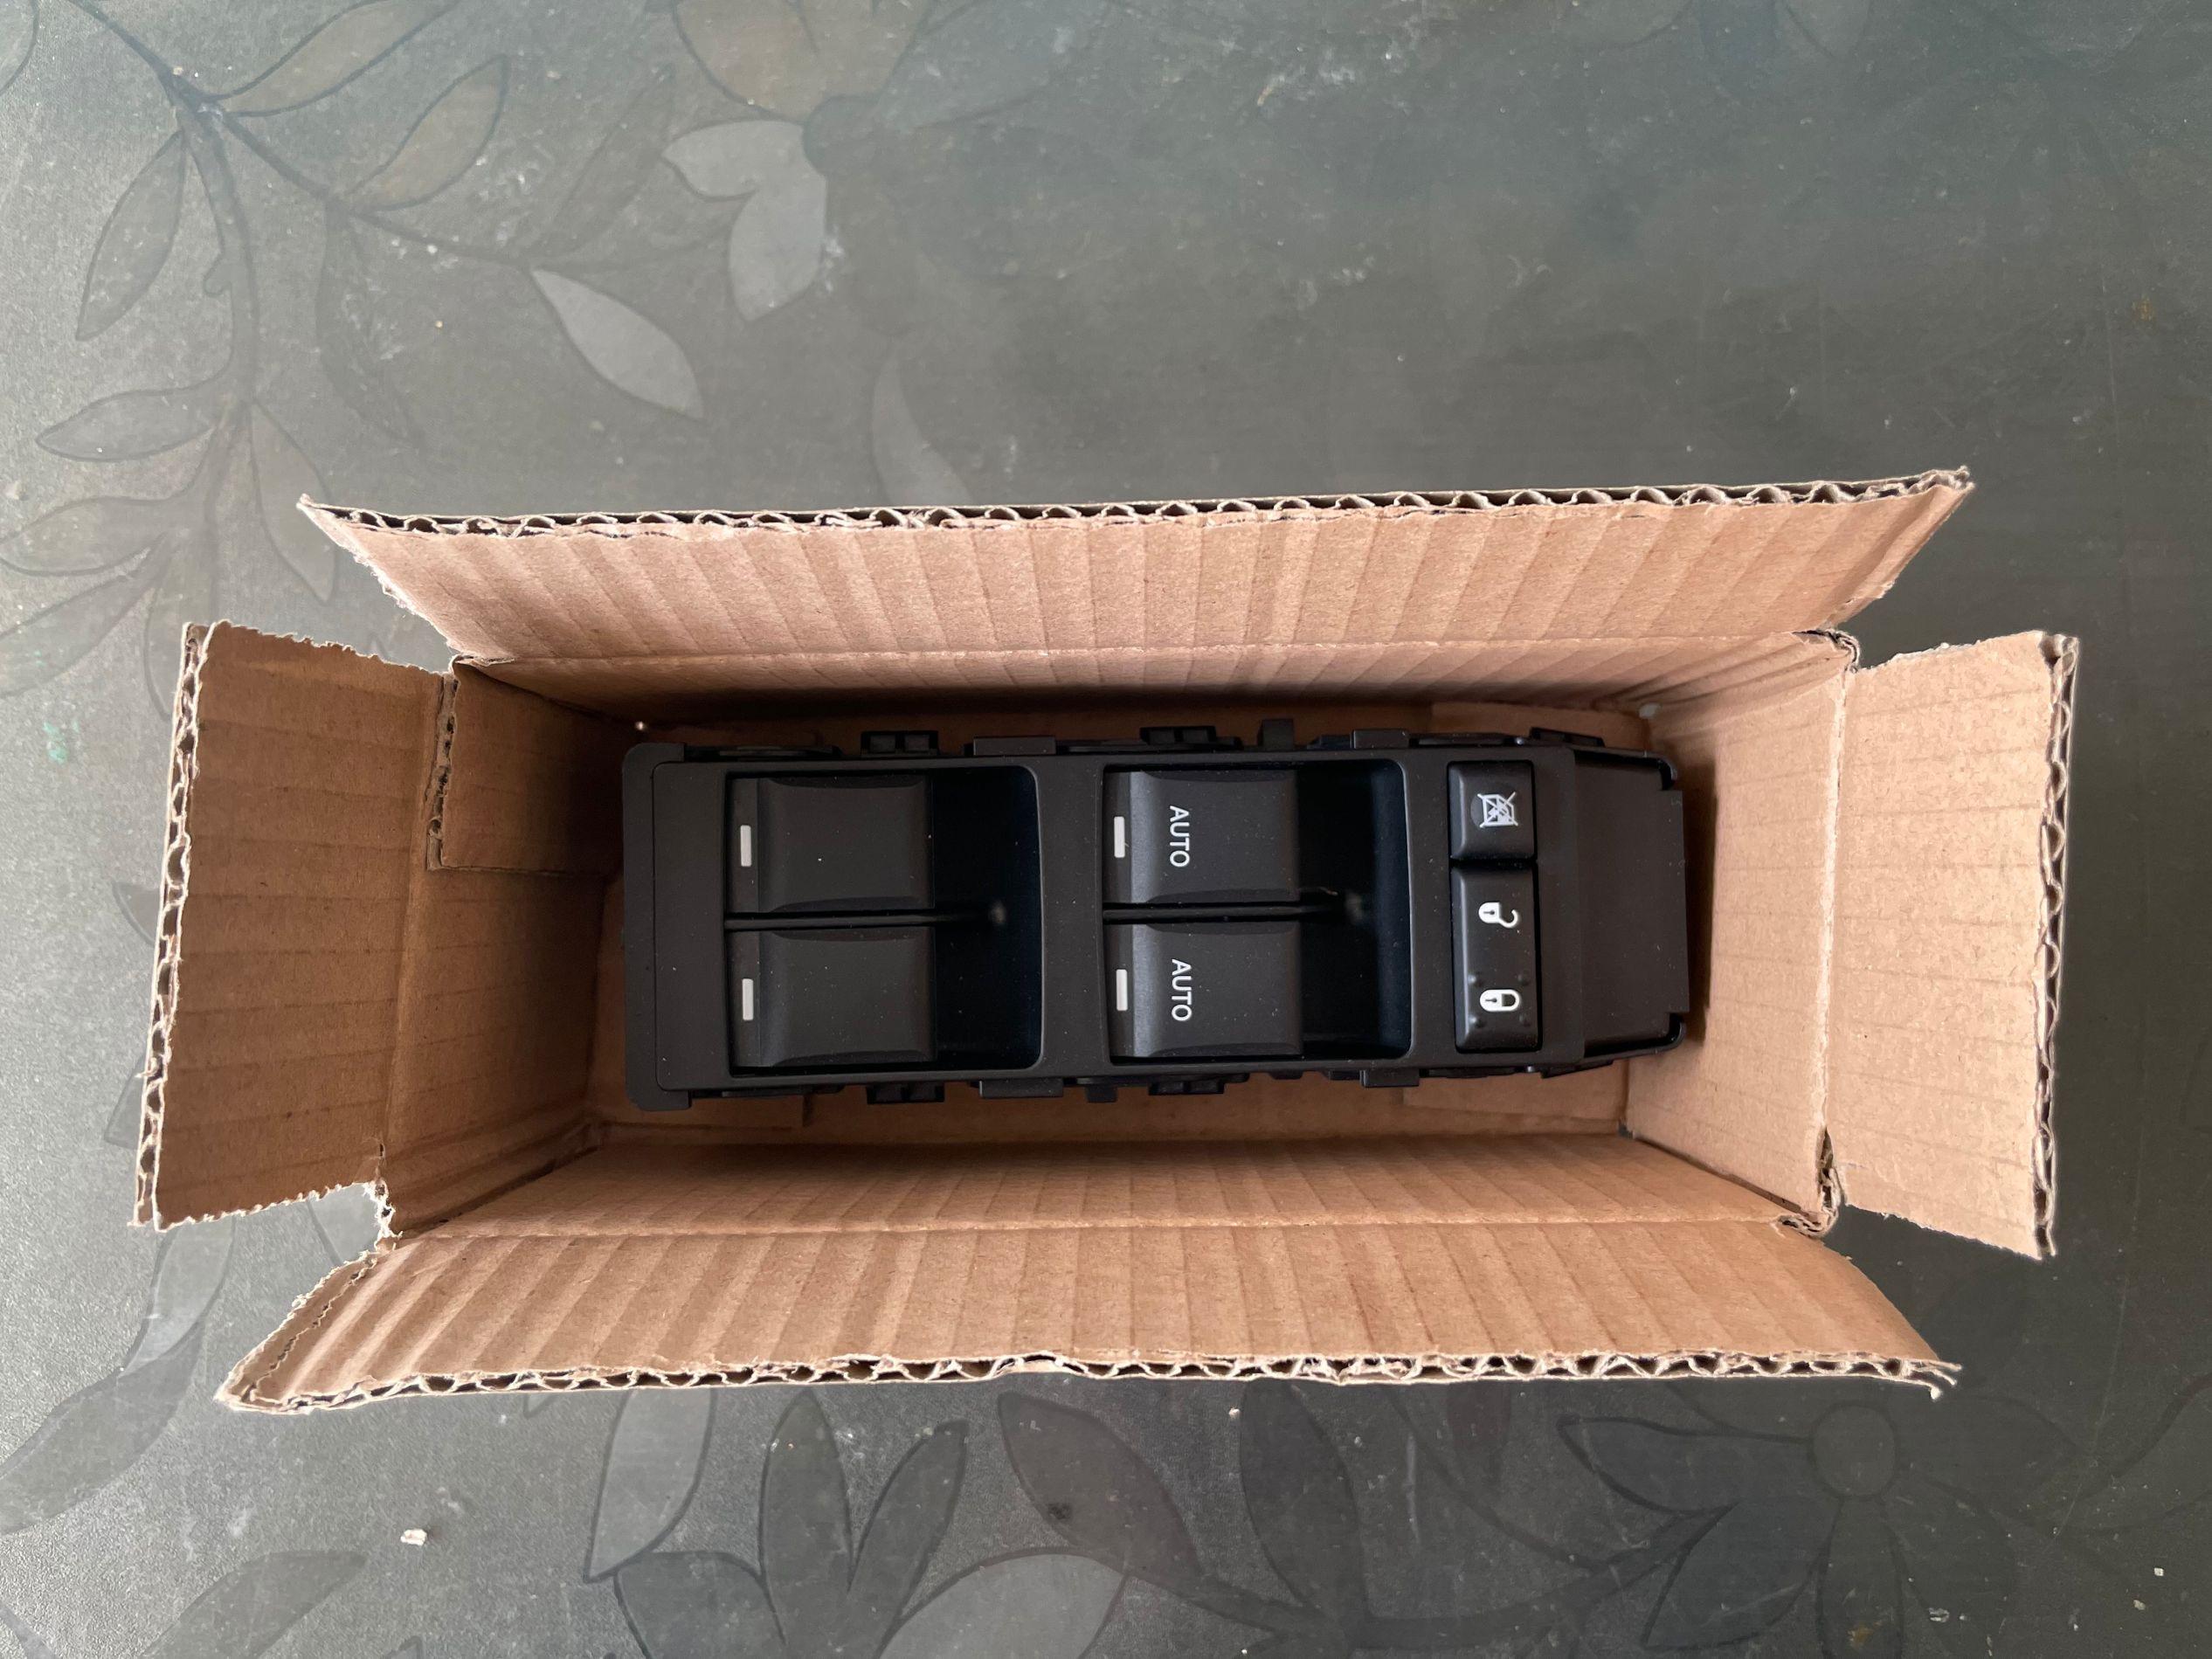 Переключатель-управления-стеклом-для-dodge-jeep-chrysler-master-power-зарядное-устройство-300-durango-4602781aa-04602781-4602781